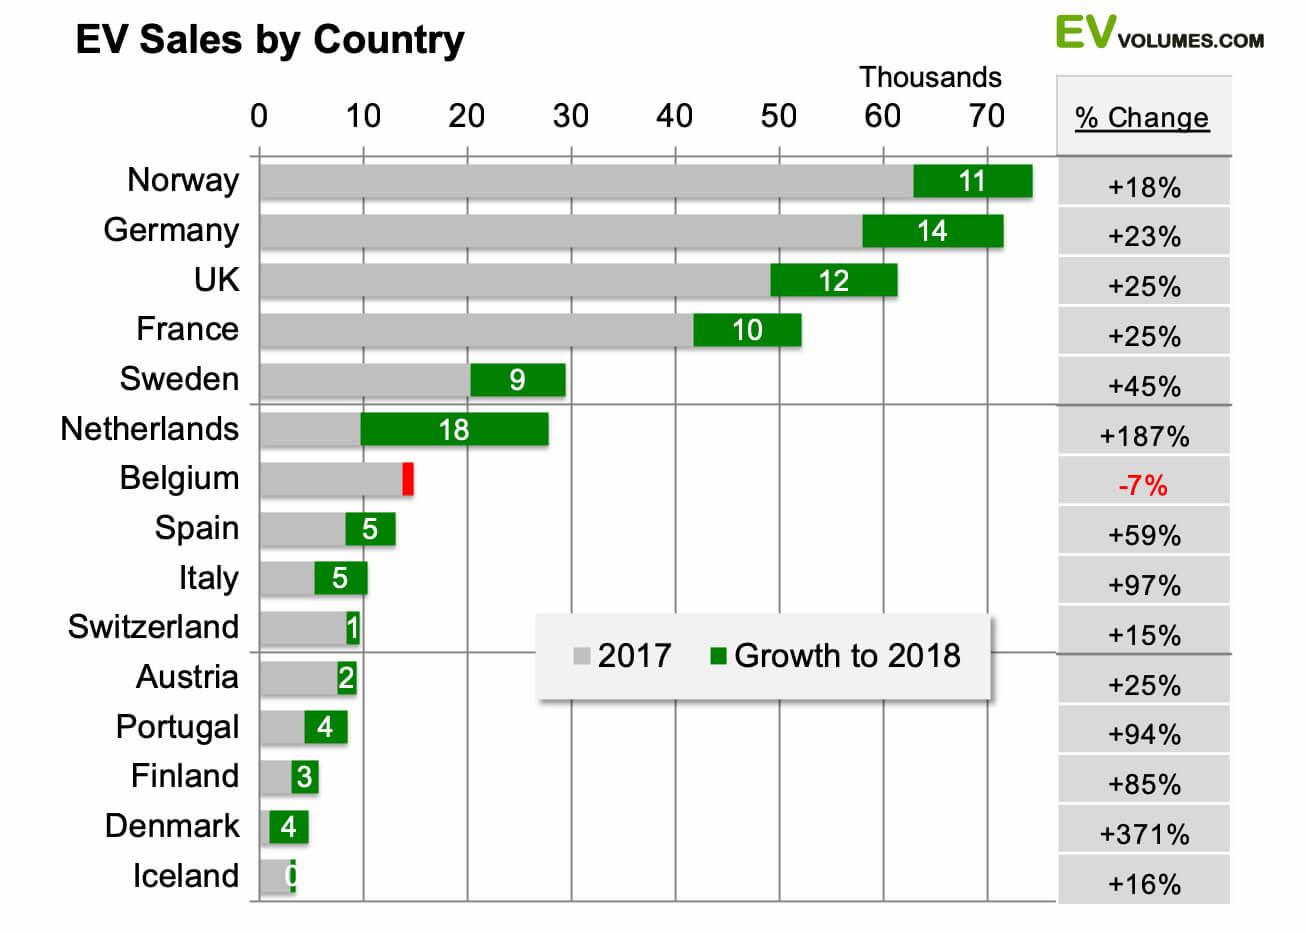 Количество проданных автомобилей с электроприводом в европейских странах в 2018 году